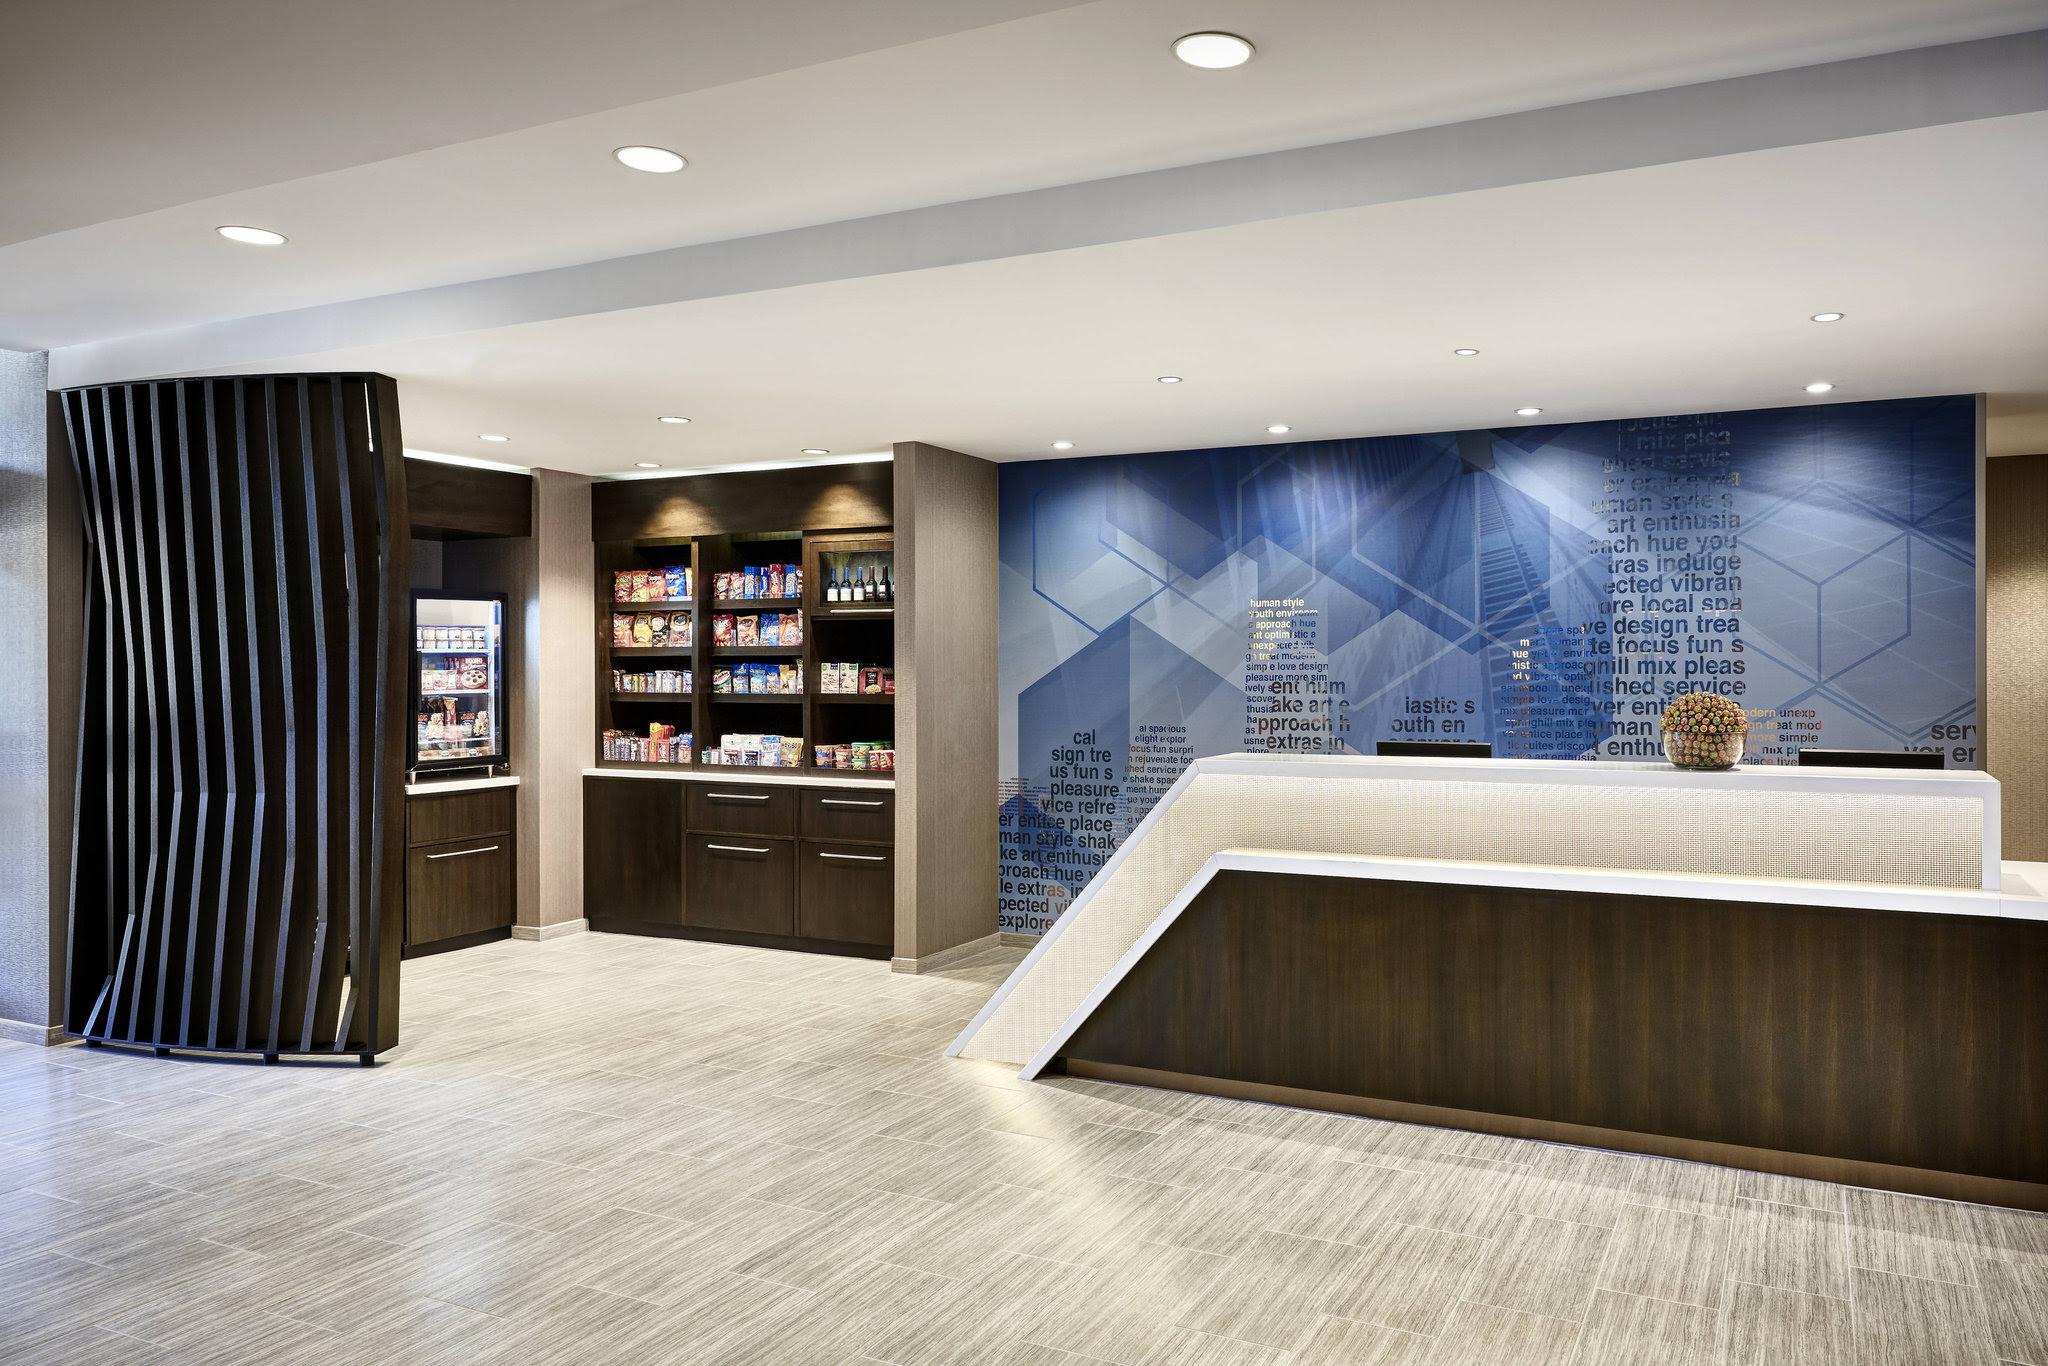 Springhill Suites Ocala Ocala Fl Hotels Gds Reservation Codes